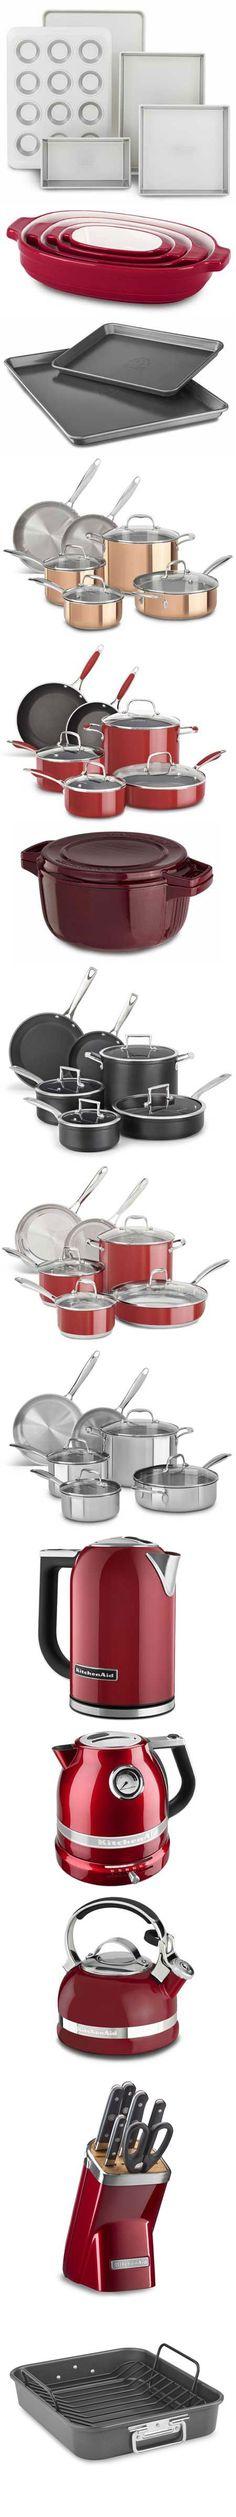 KitchenAid Kitchenware